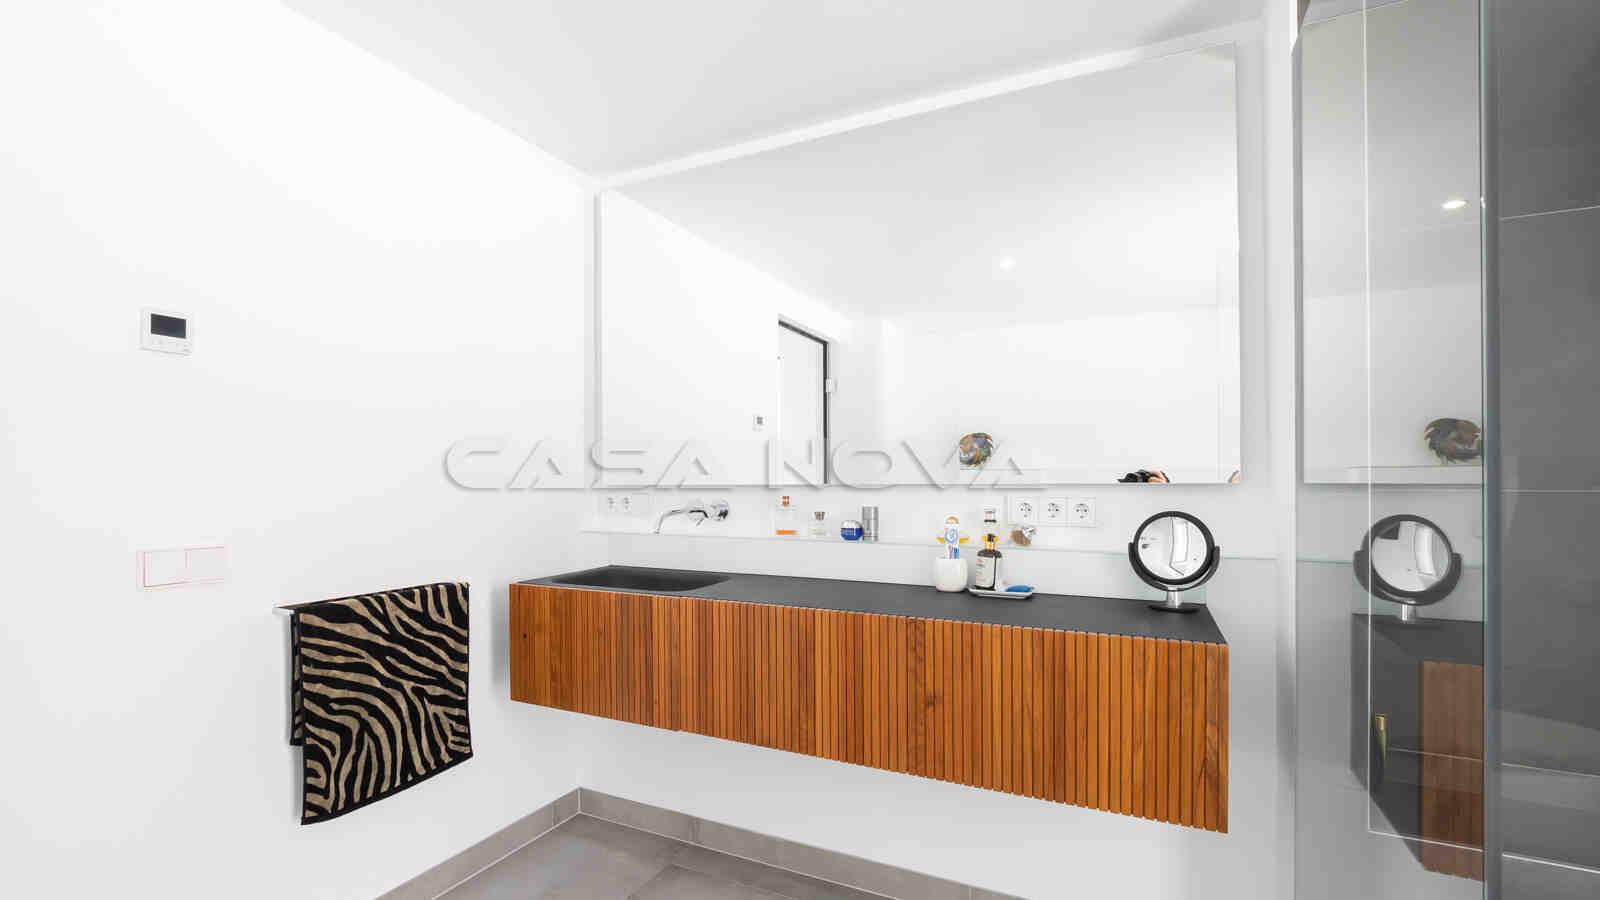 Stilvolles Badezimmer mit Doppelwaschbecken